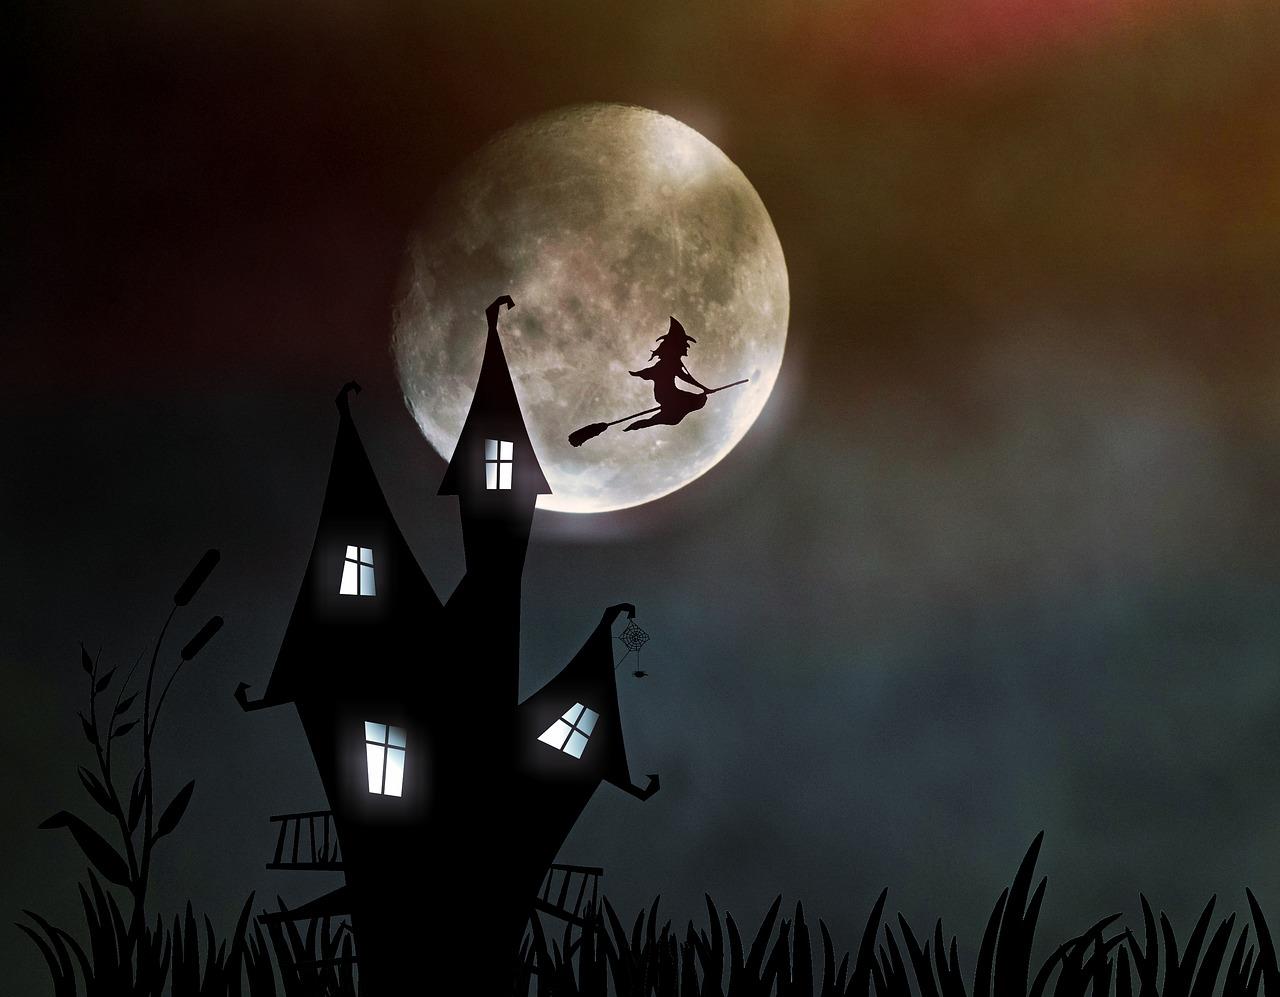 Pourquoi les sorcières sont-elles toujours représentées avec des balais ?